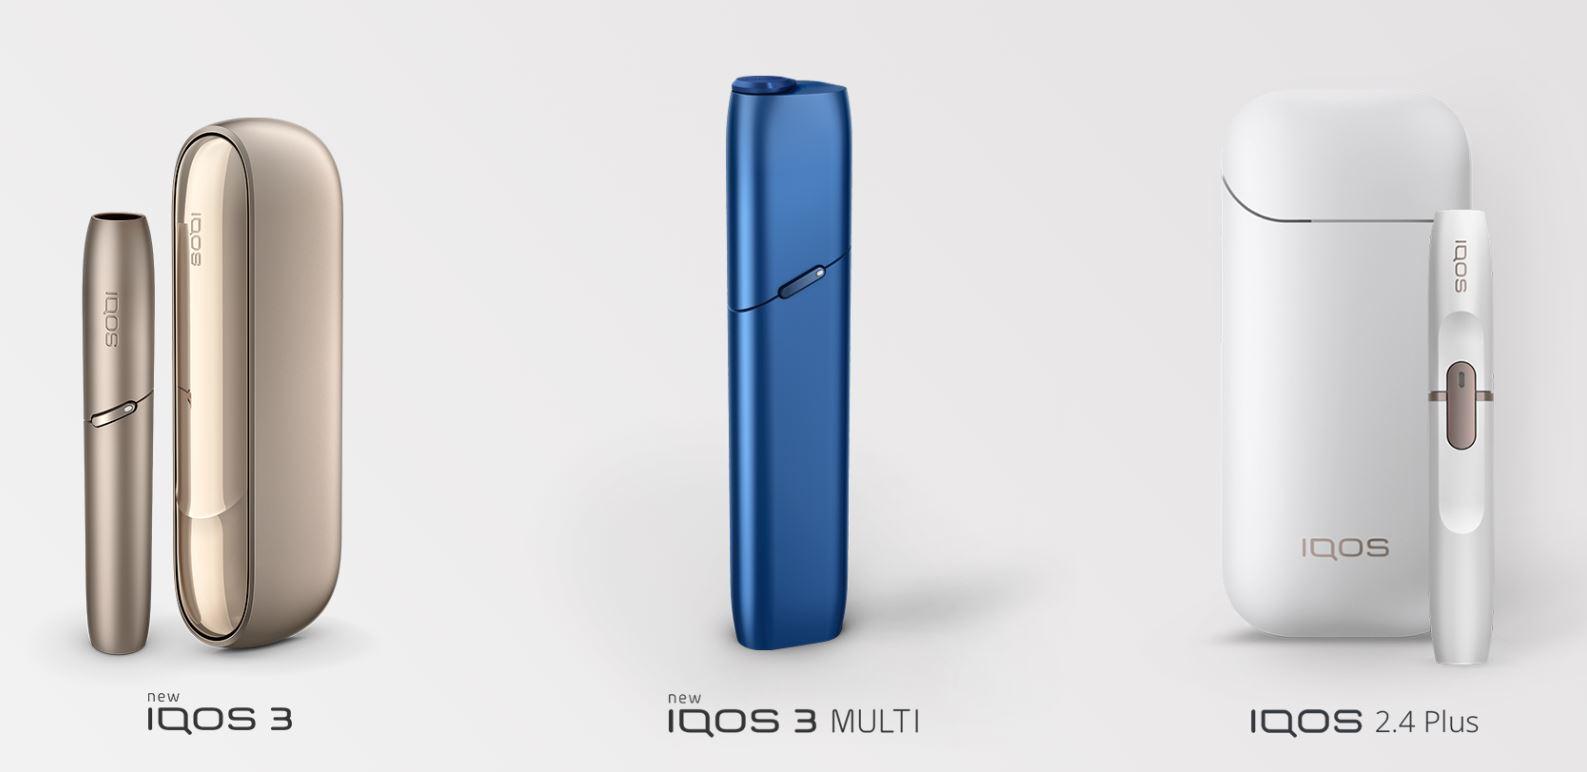 IQOSは3種類